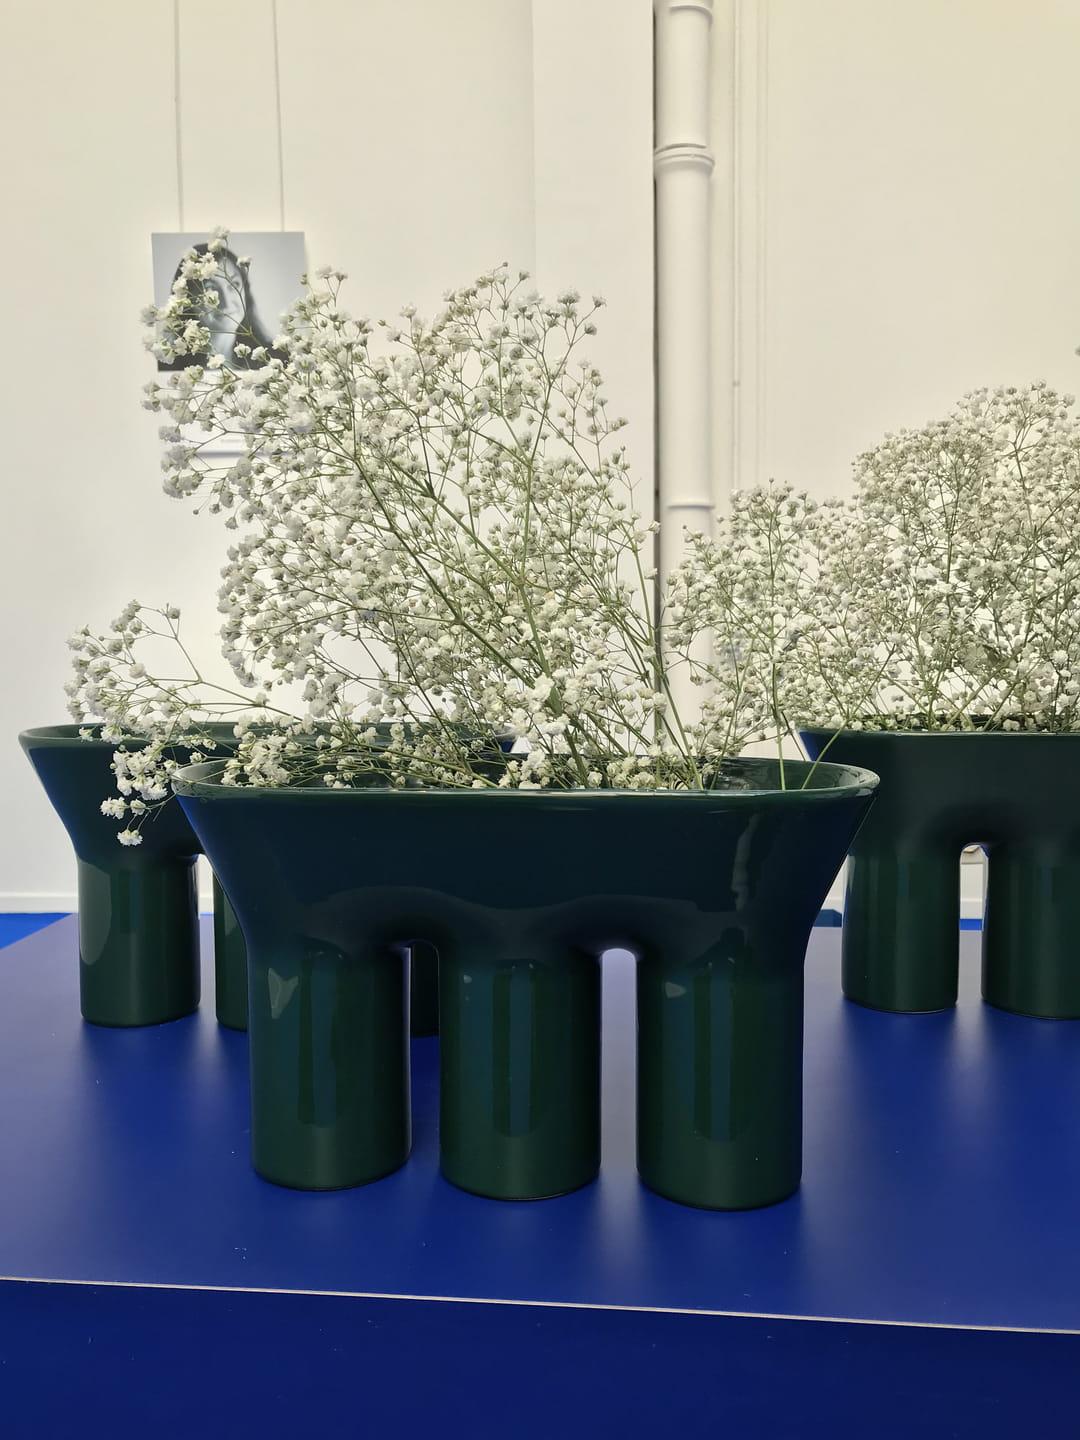 monoprix-ionna-vautrin-vase